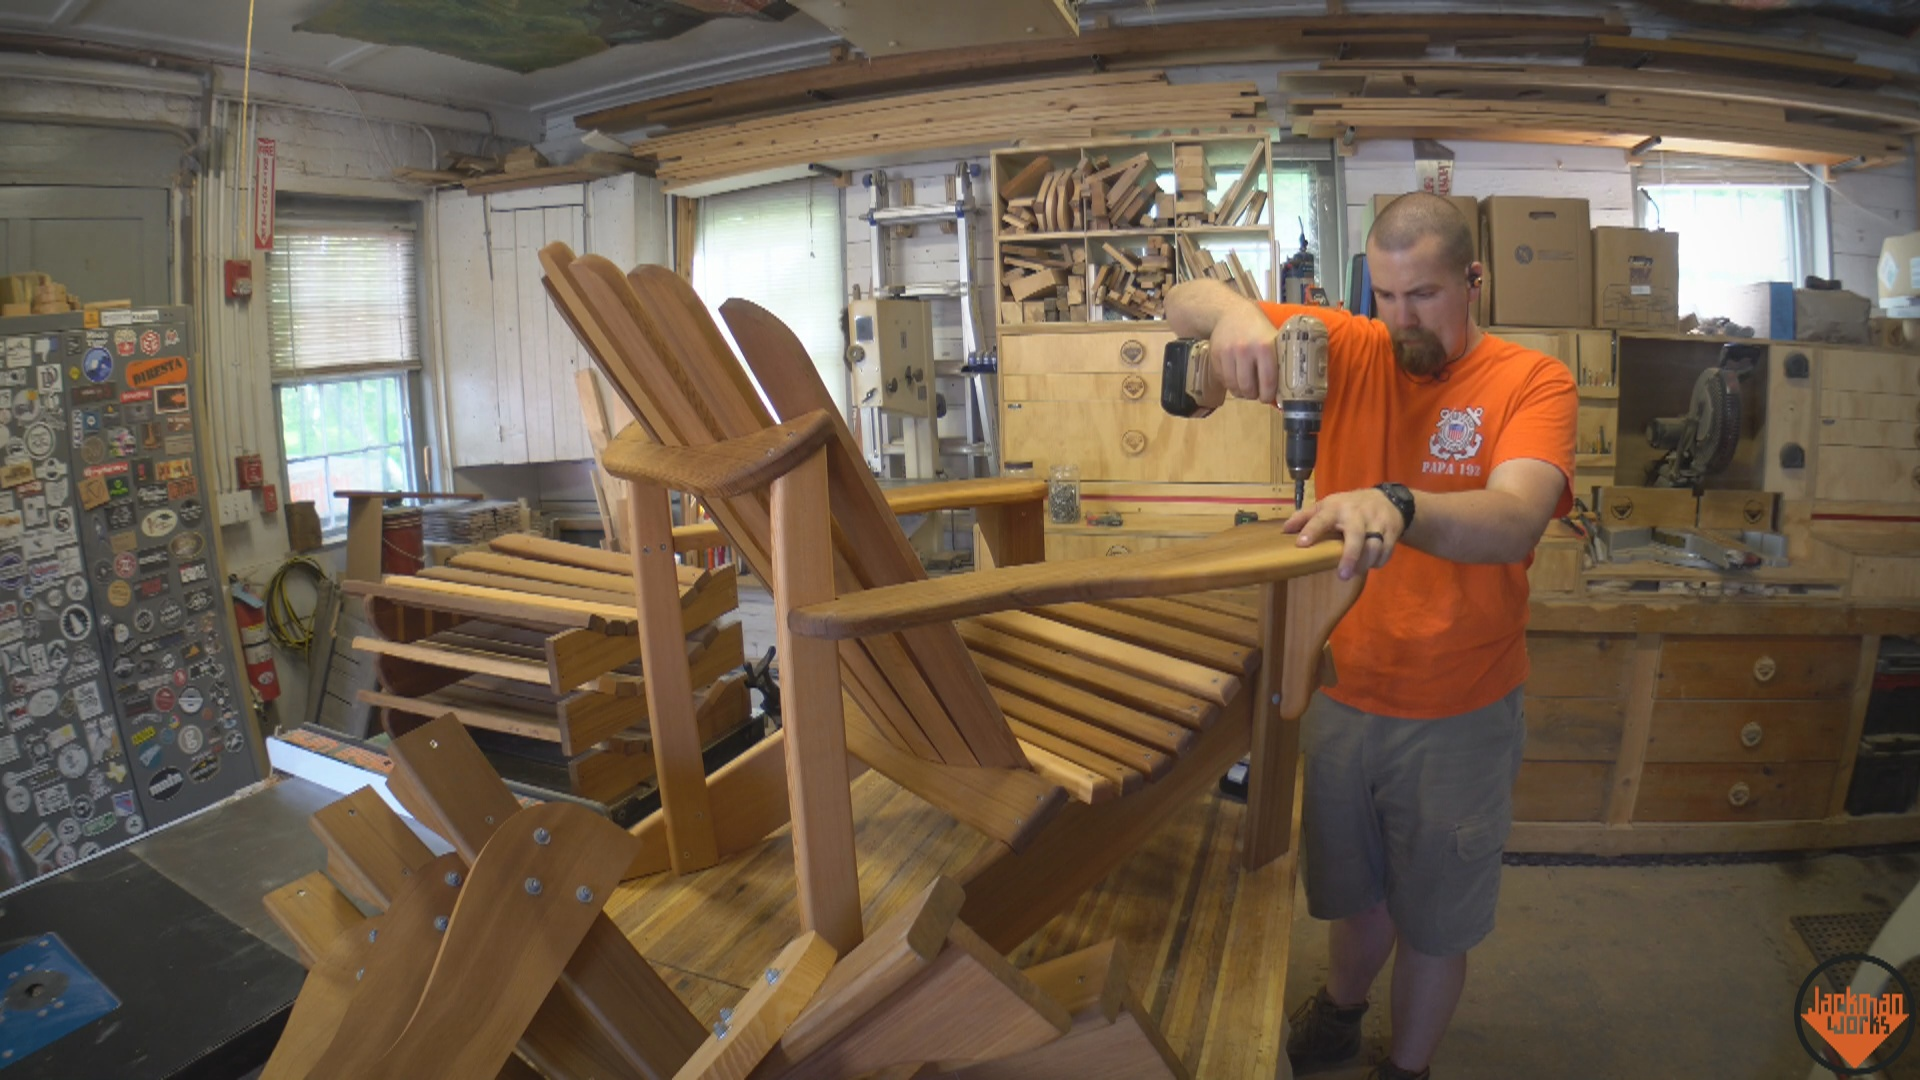 adirondack chairadirondack chair planhow to build an adirondack chairhow to build a chairdiy chairdiy adirondack chairwoodworking planscedarwestern ... & how to build the ultimate adirondack chair 29 | Jackman Works